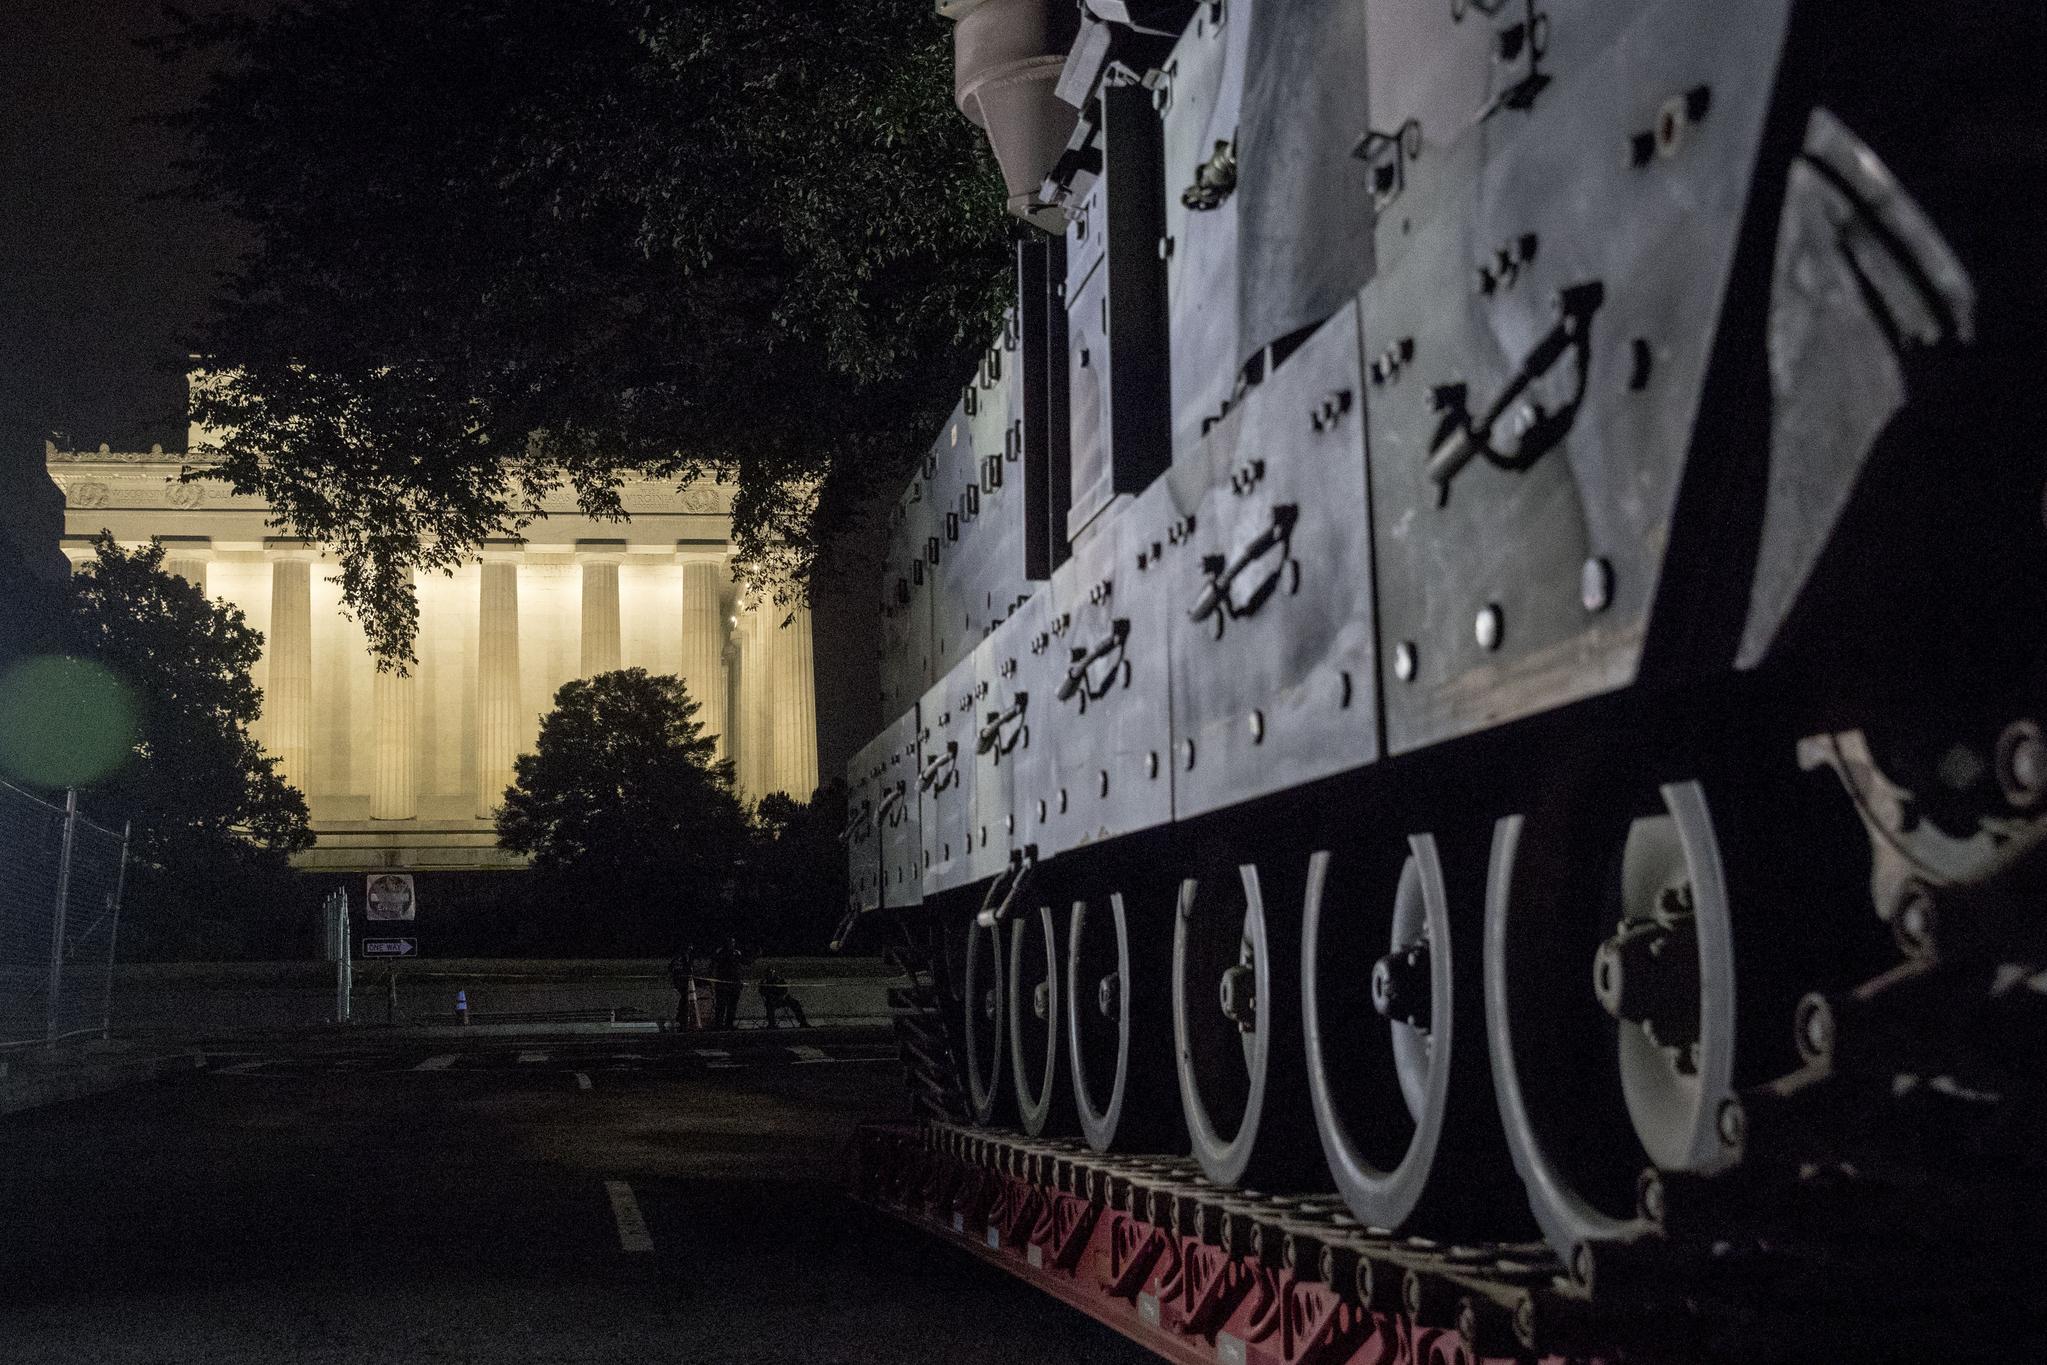 2일(현지시간) 미국 워싱턴 백악관 앞 링컨 기념관 인근에 M2 브래들리 장갑차가 배치되어 있다. [AP=연합뉴스]